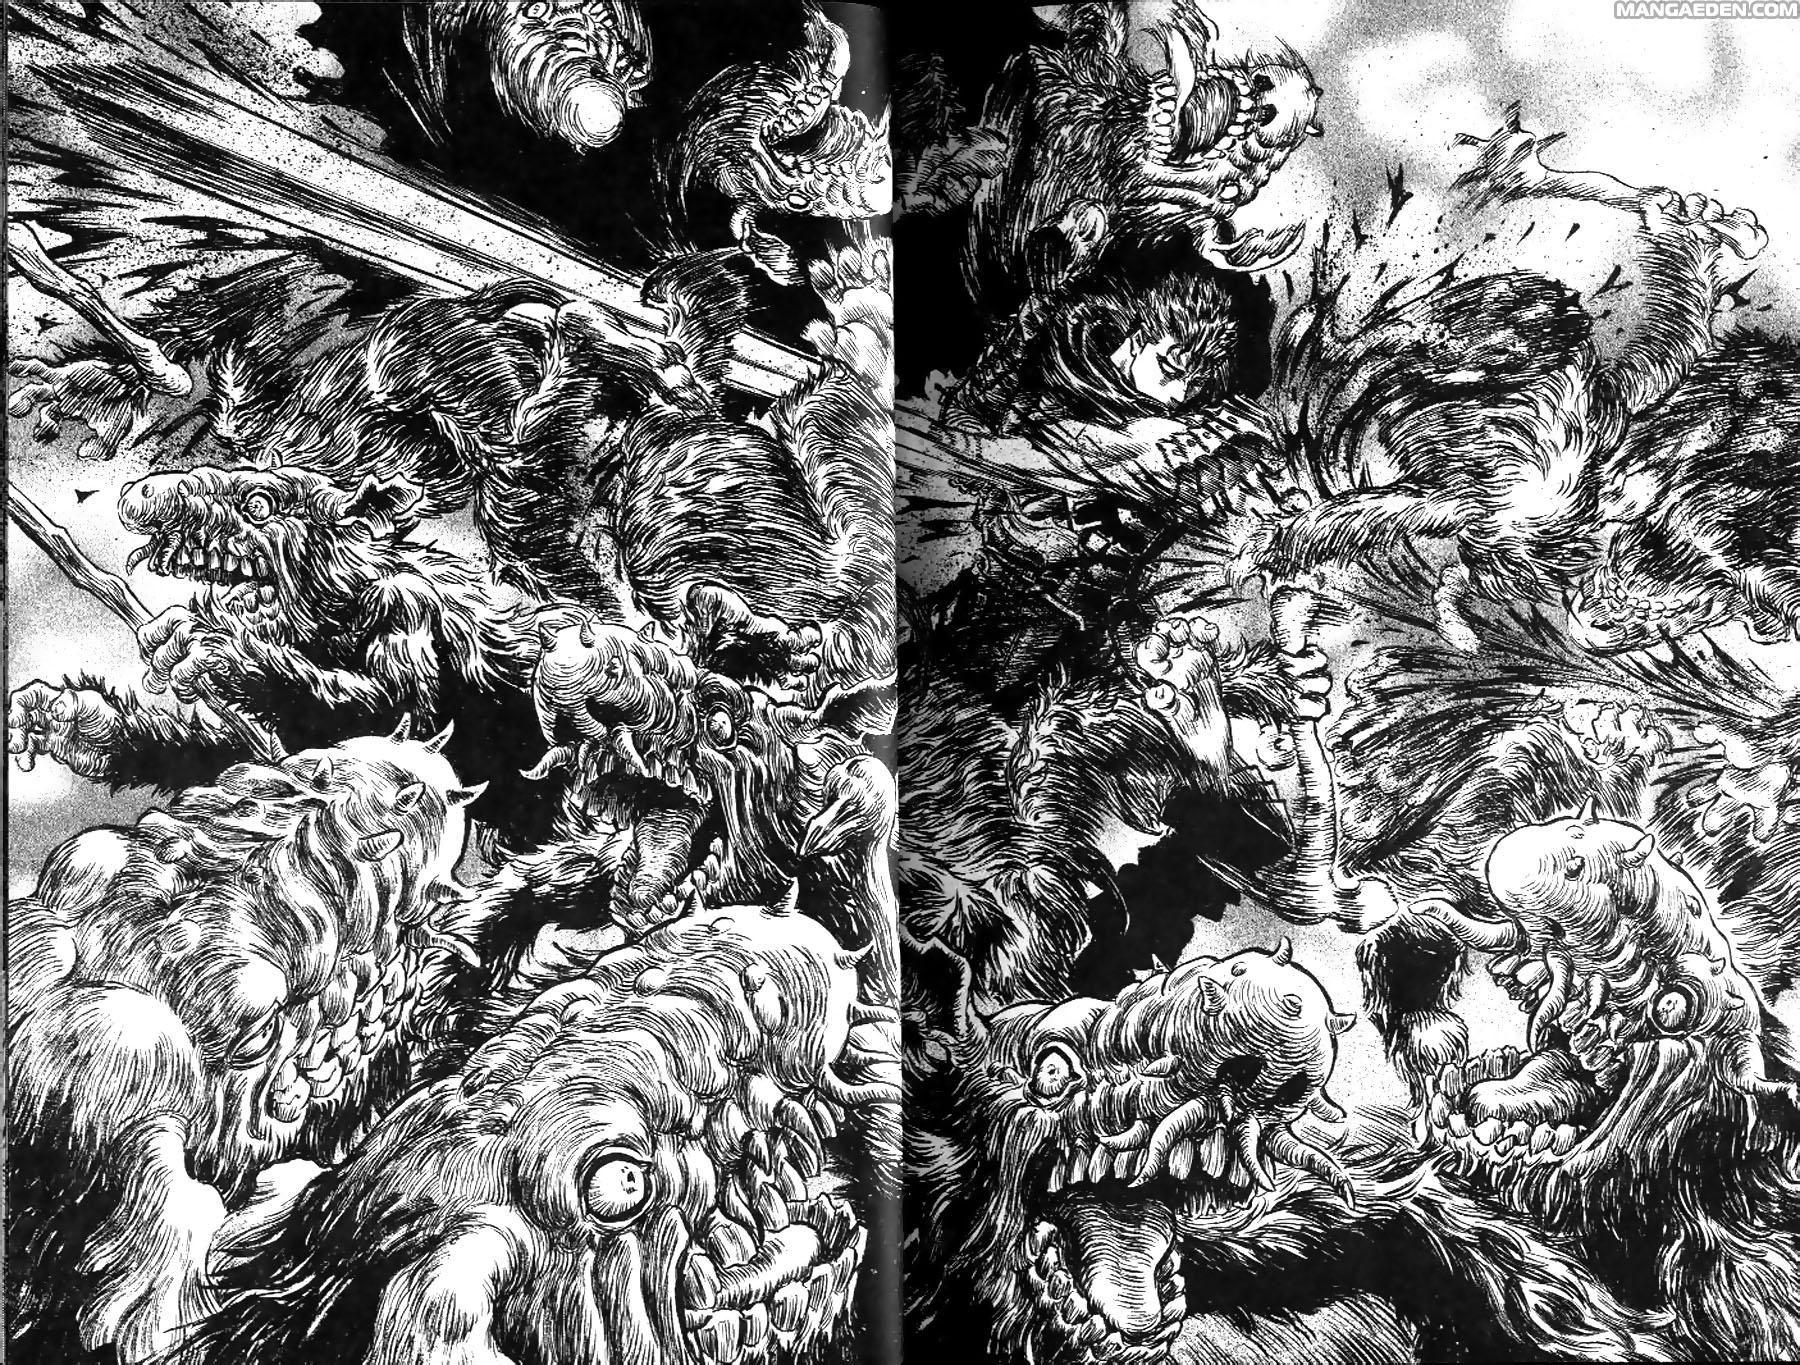 Manga Berserk - Chapter 26 - Page 0